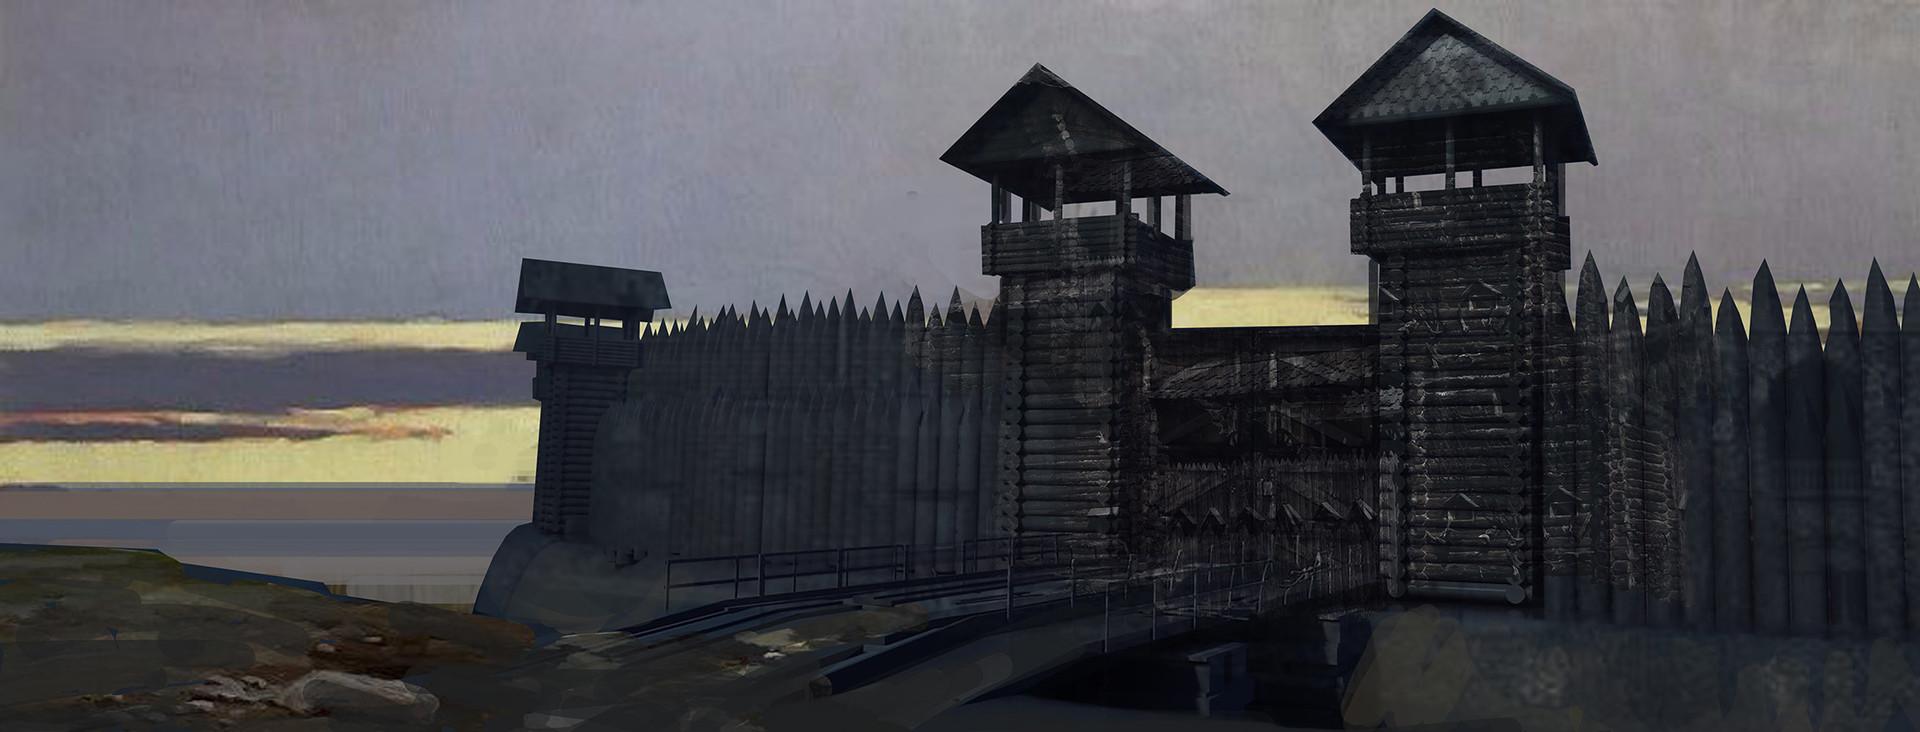 Andrei riabovitchev th vlx town v001 001 ar